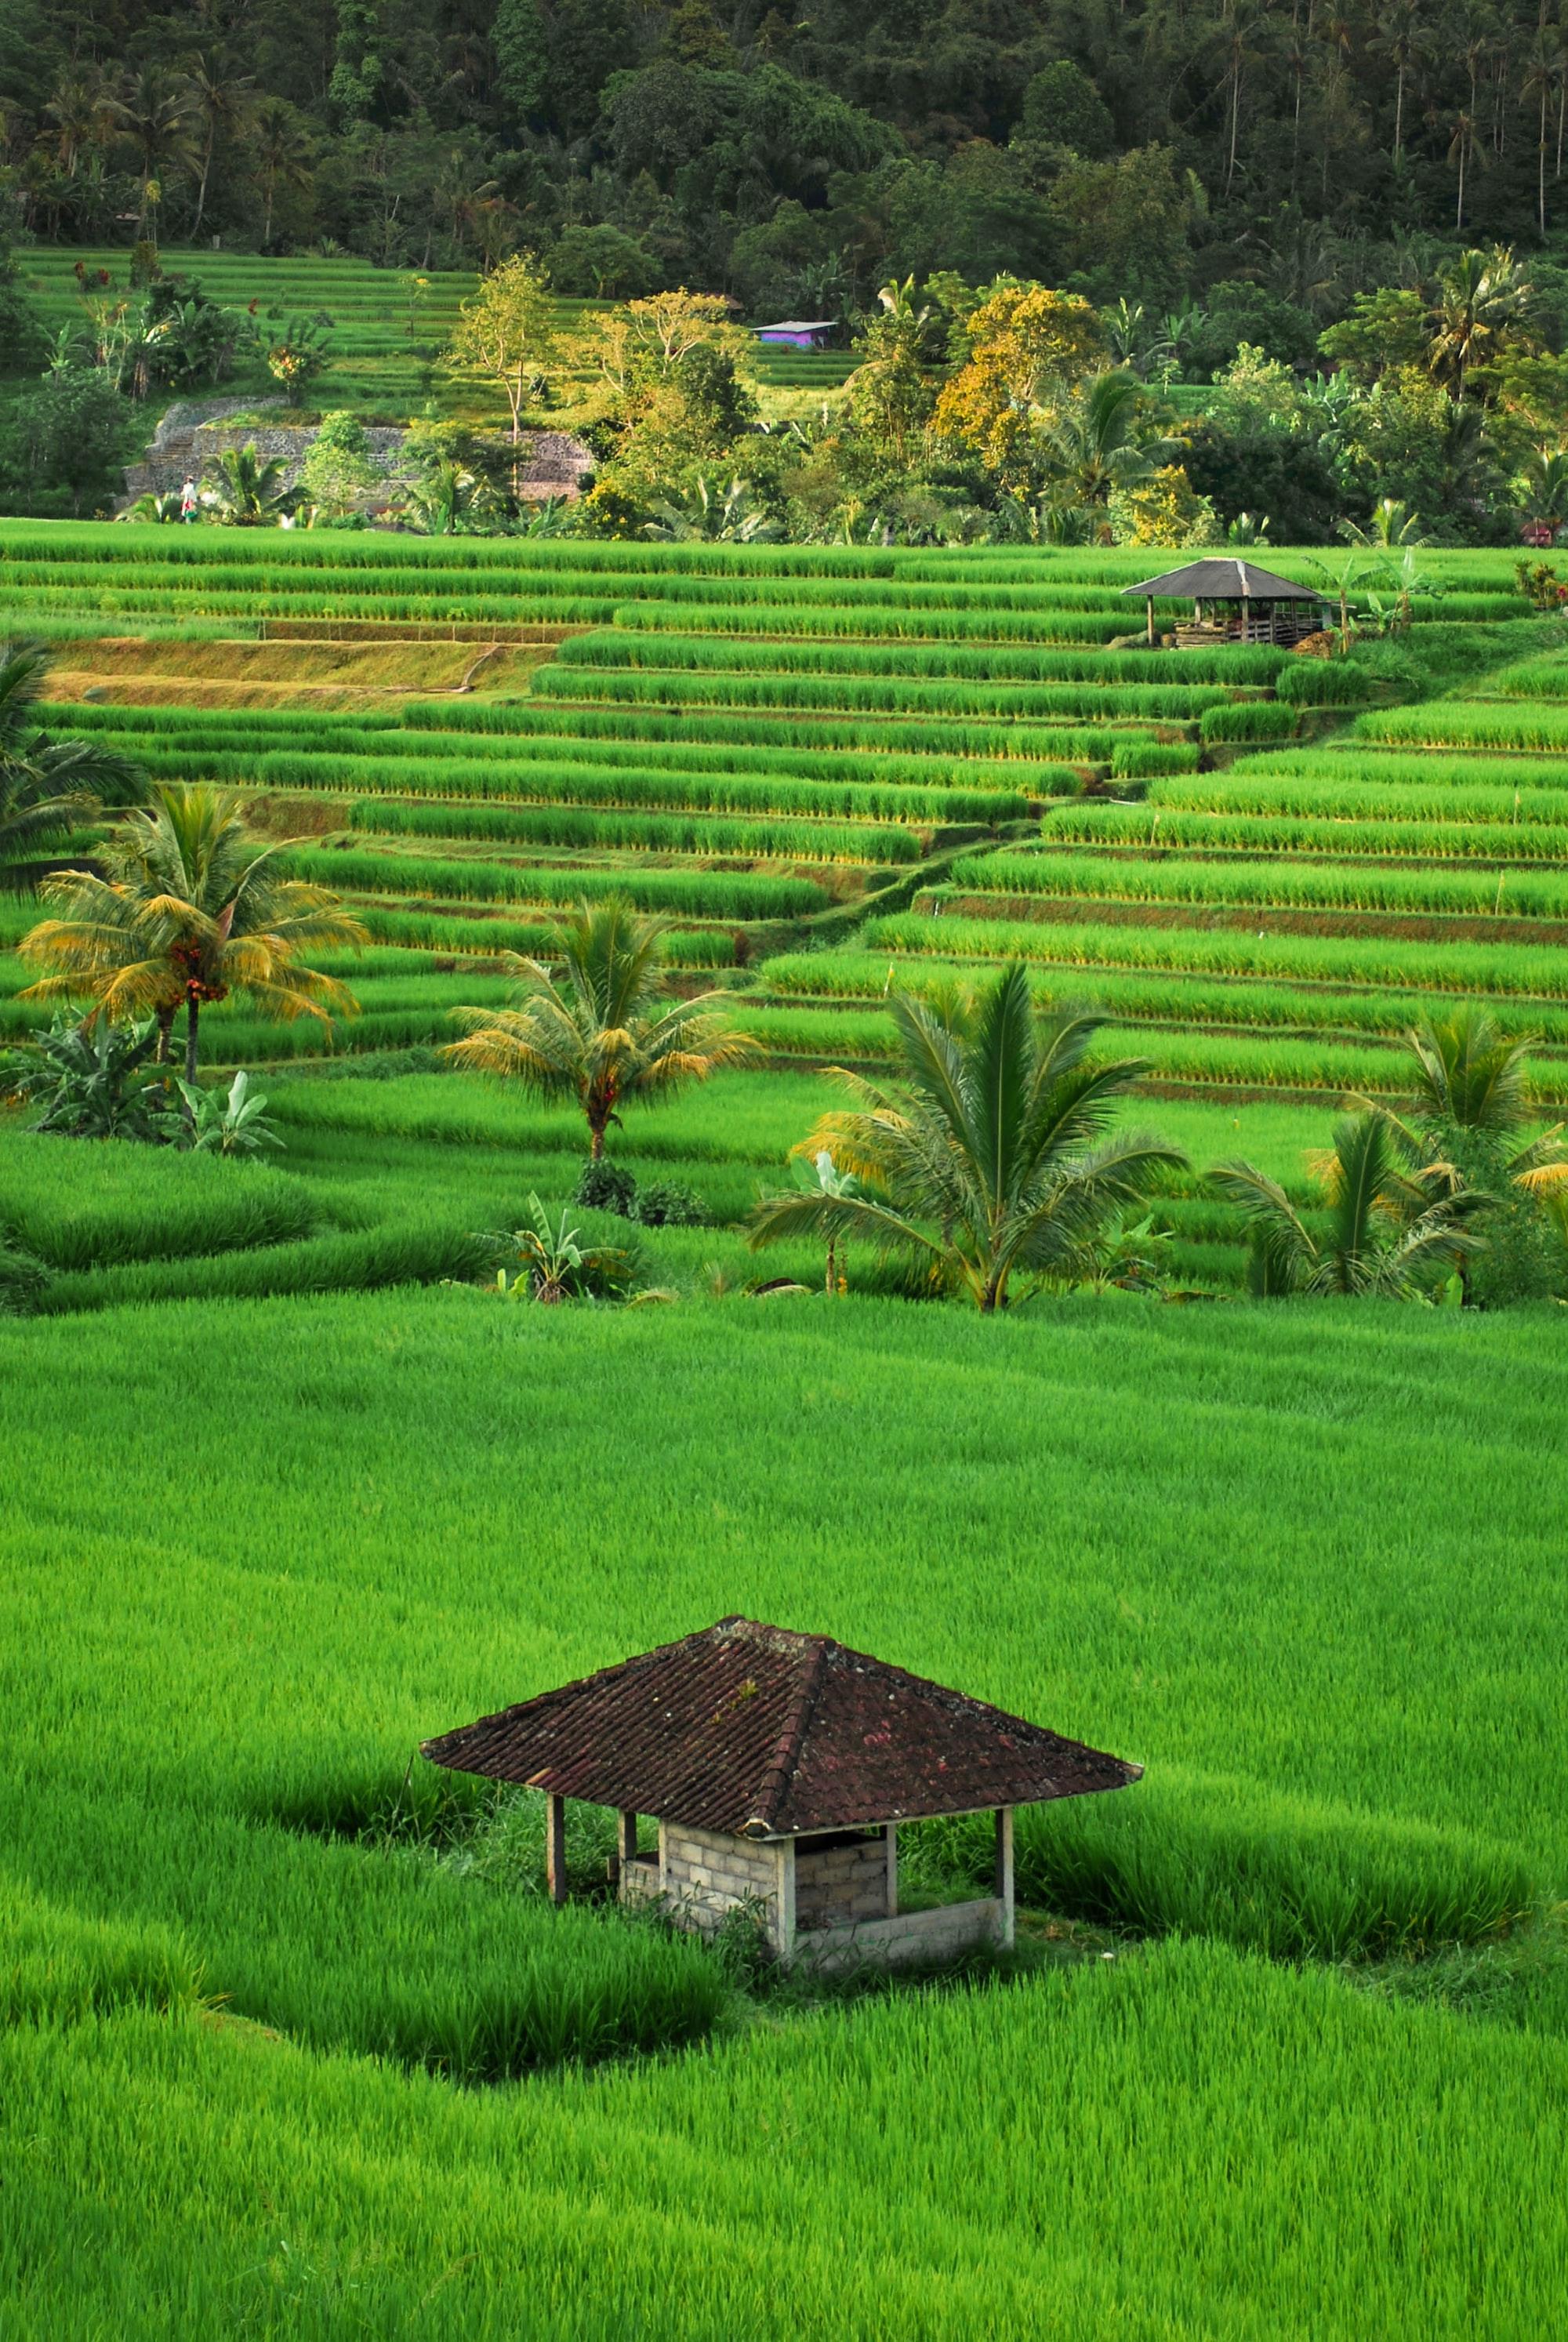 Día de la Independencia de Indonesia. ¿Querés conocerla? Te contamos cómo pagar el viaje.